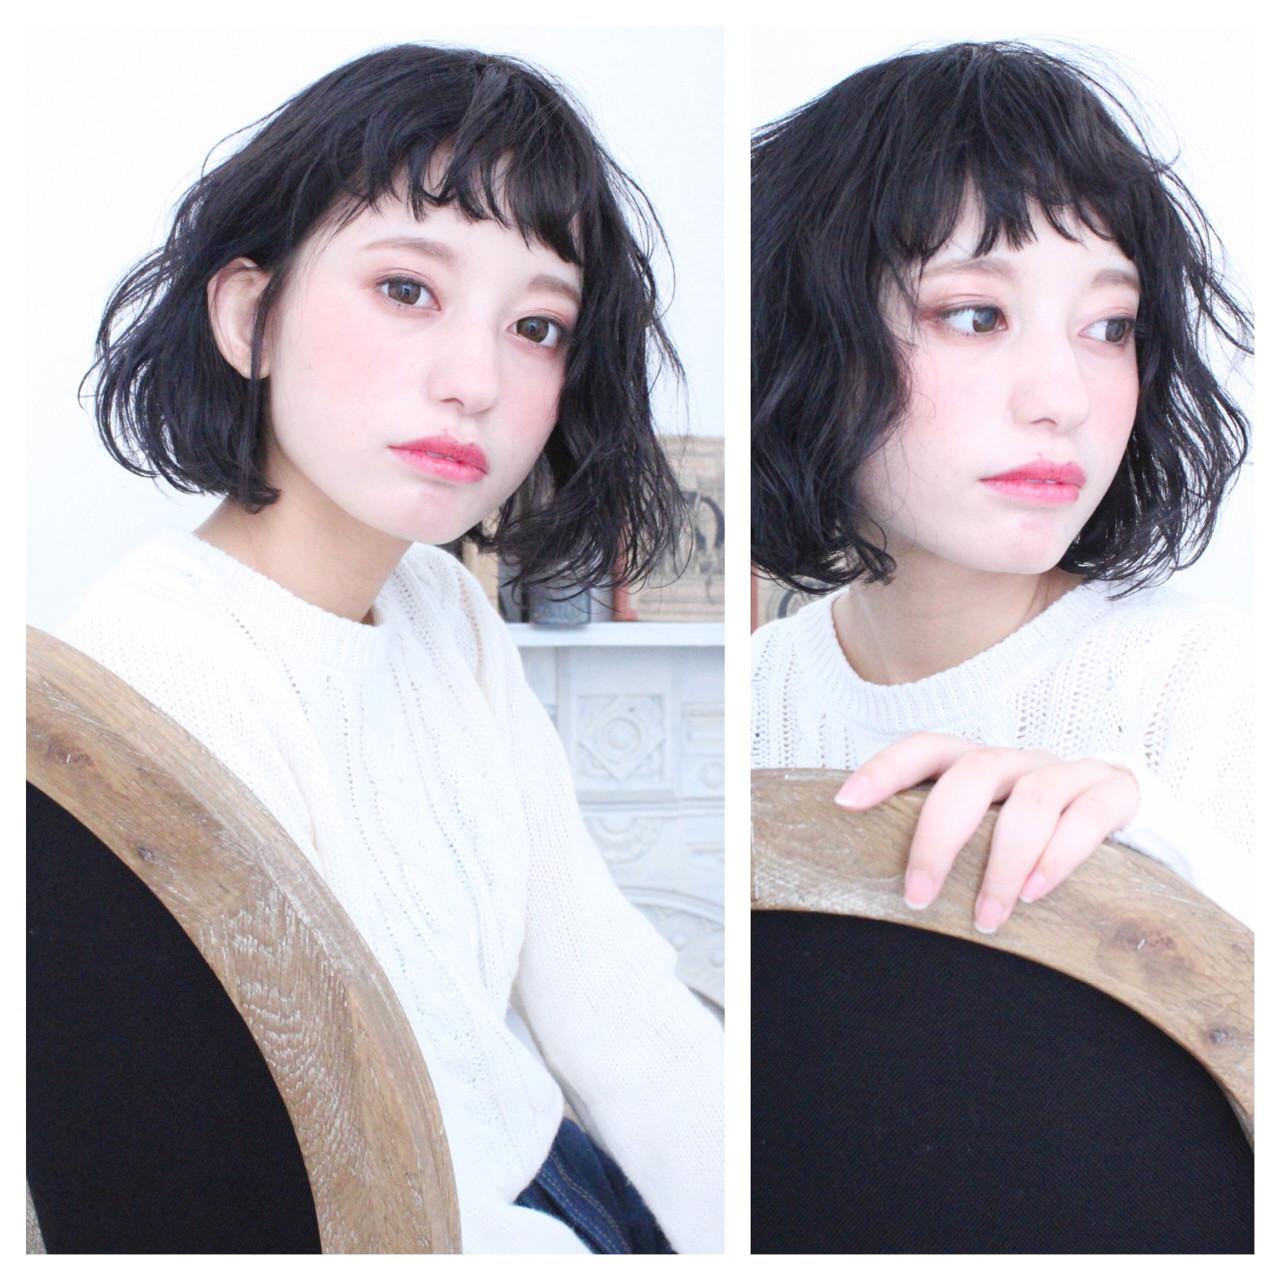 【スタイル特集】印象派美人になれる髪型=黒髪ショート×パーマスタイル? 上田智久 LaRica